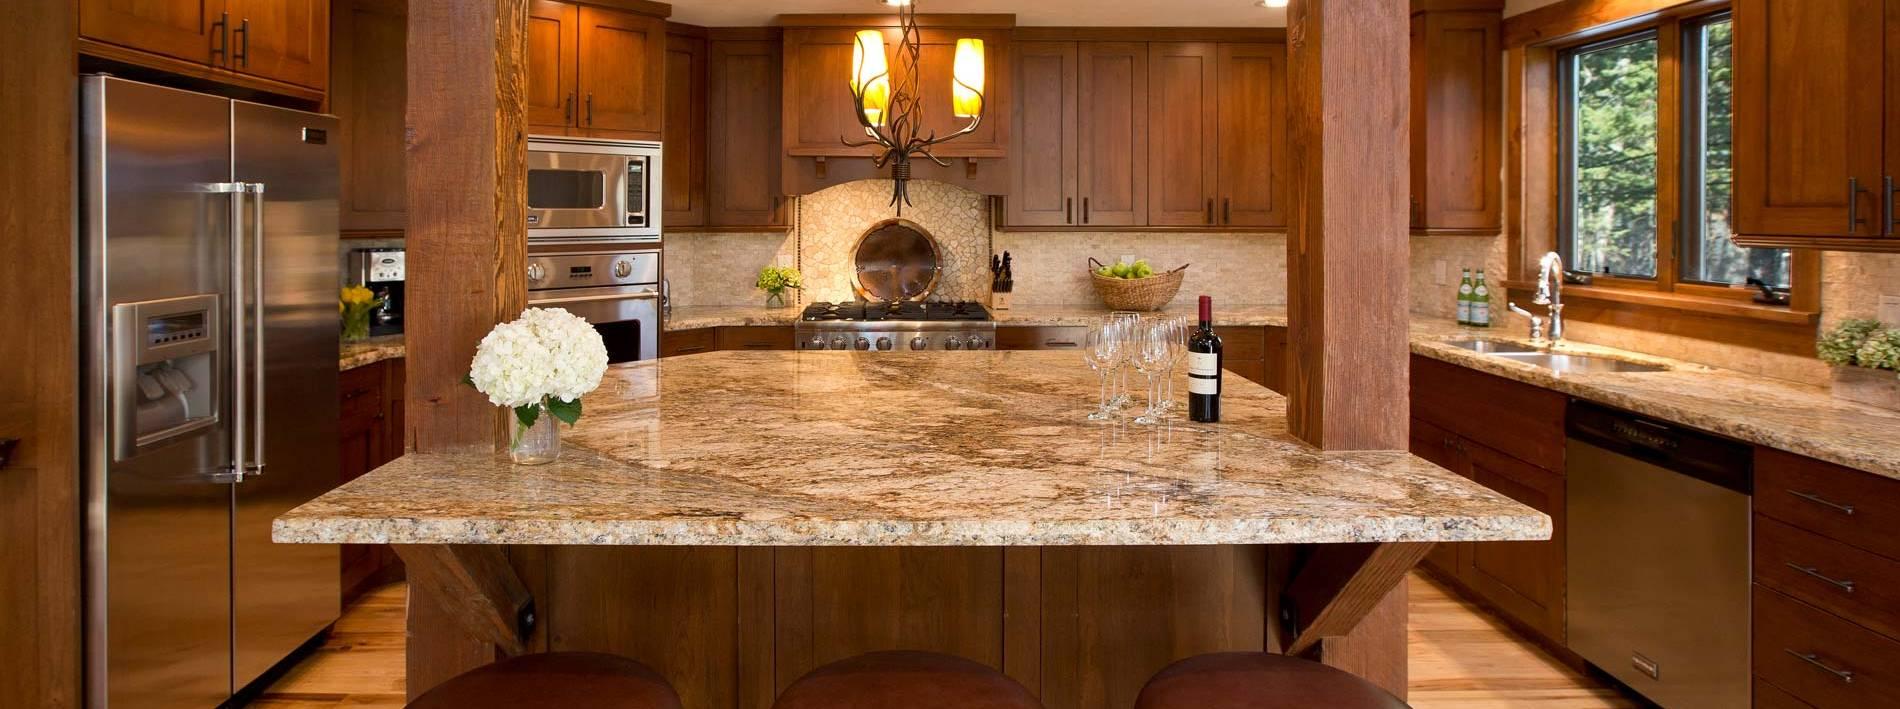 Teton Village rental spacious kitchen